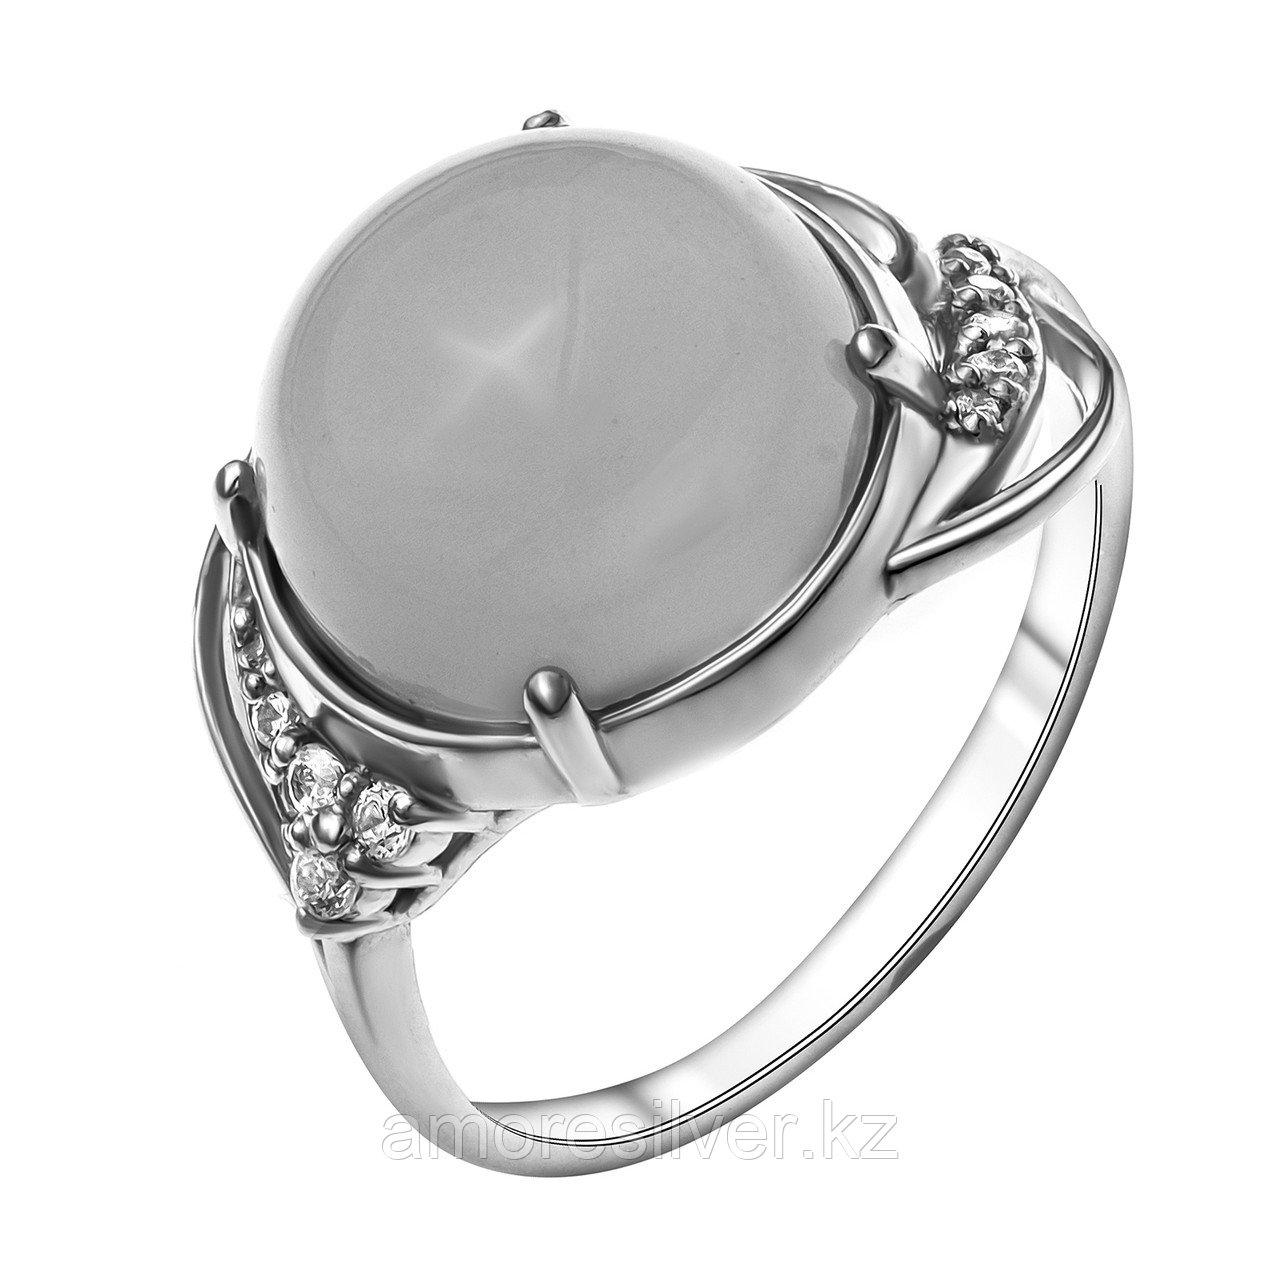 Кольцо Приволжский Ювелир серебро с родием, нефрит, круг 251088